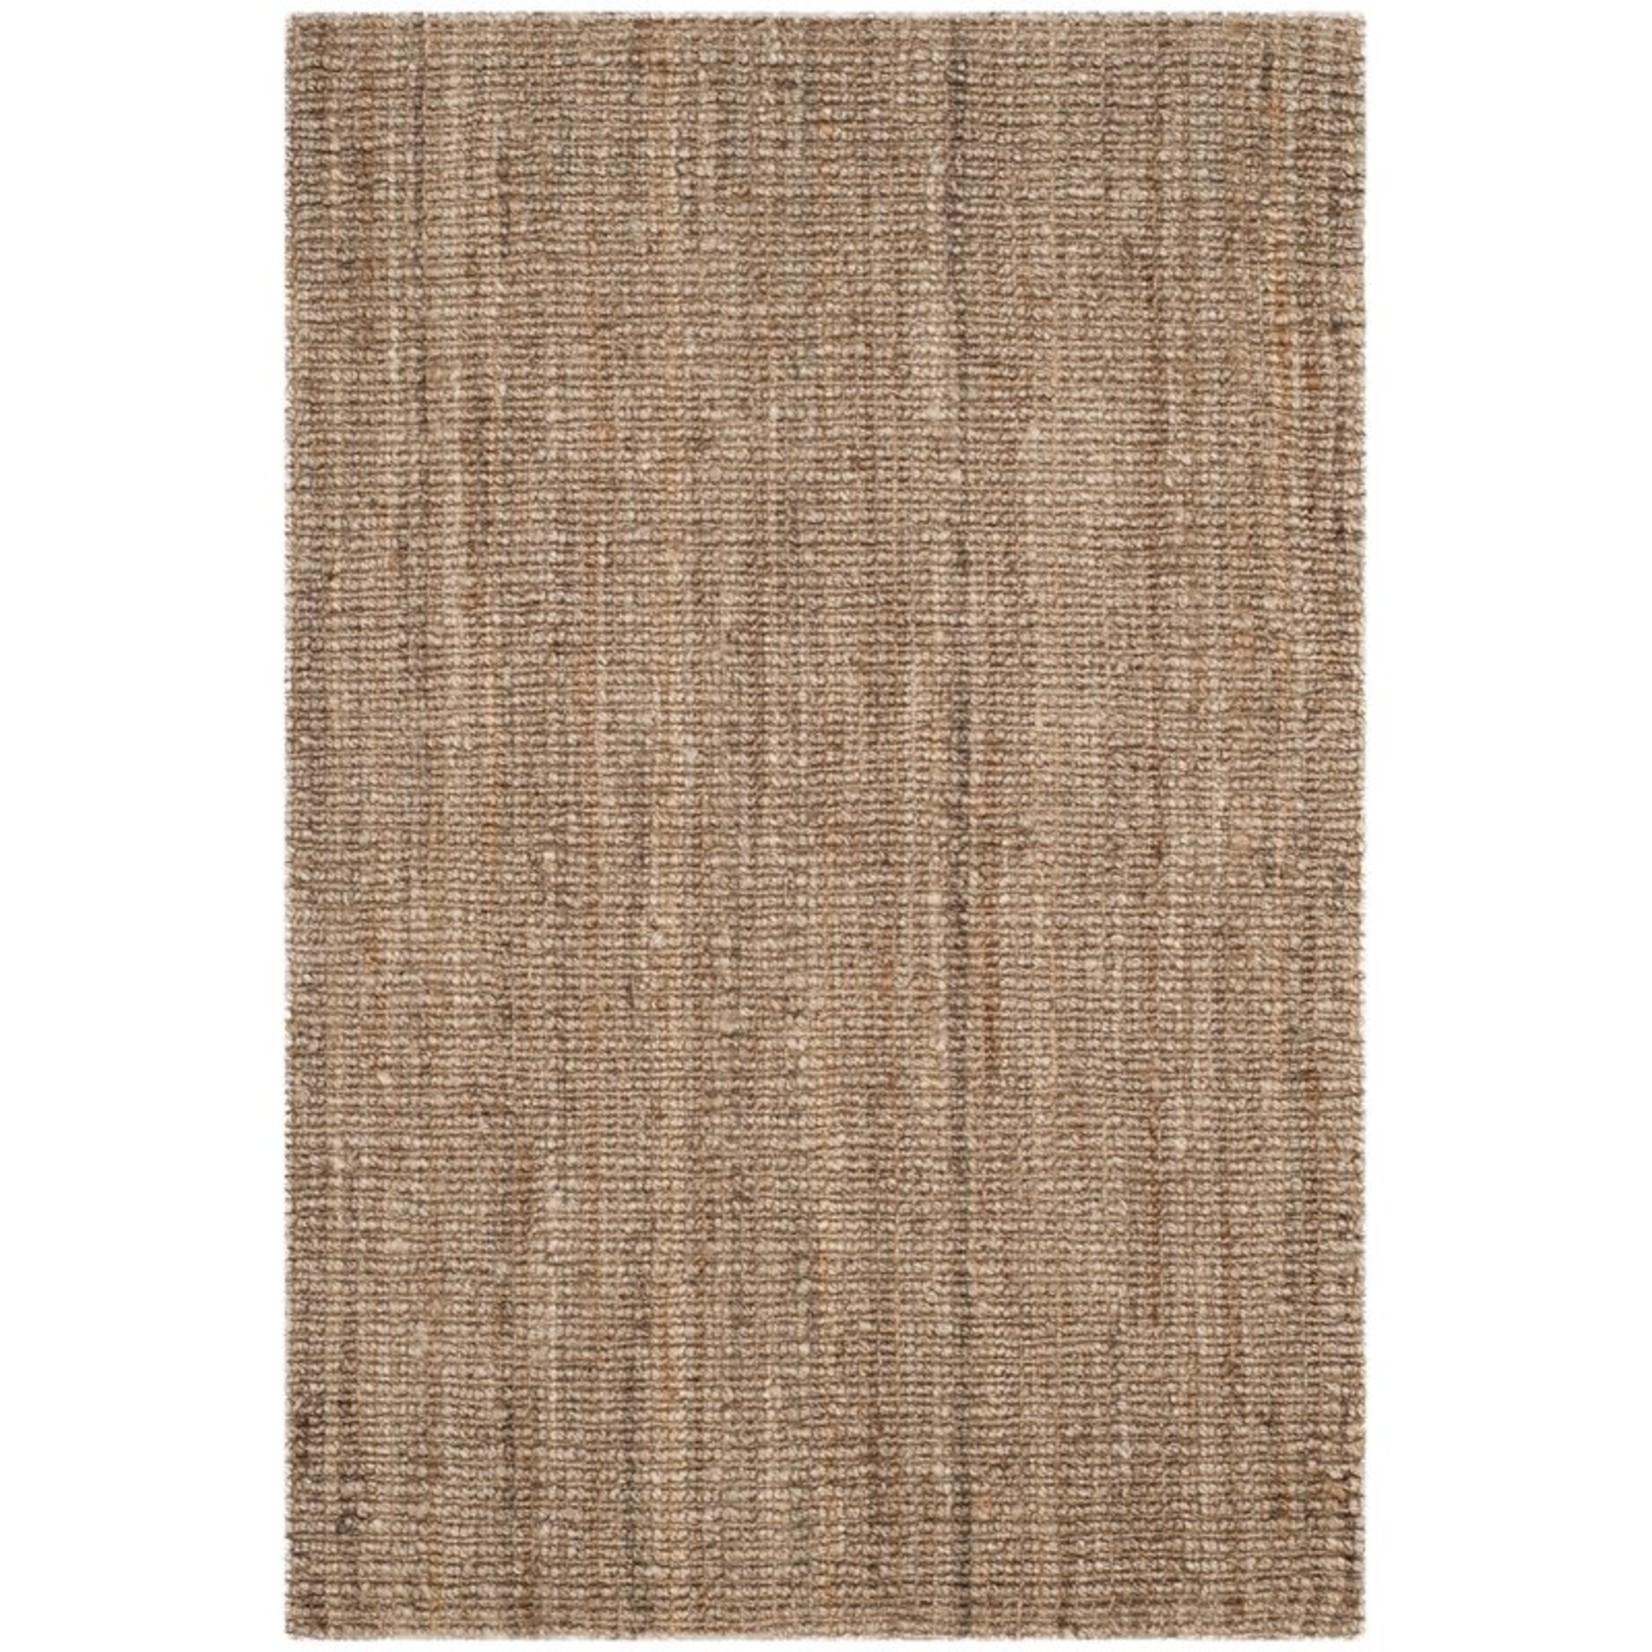 *4' x 6' -Nilles Natural/Grey Rug